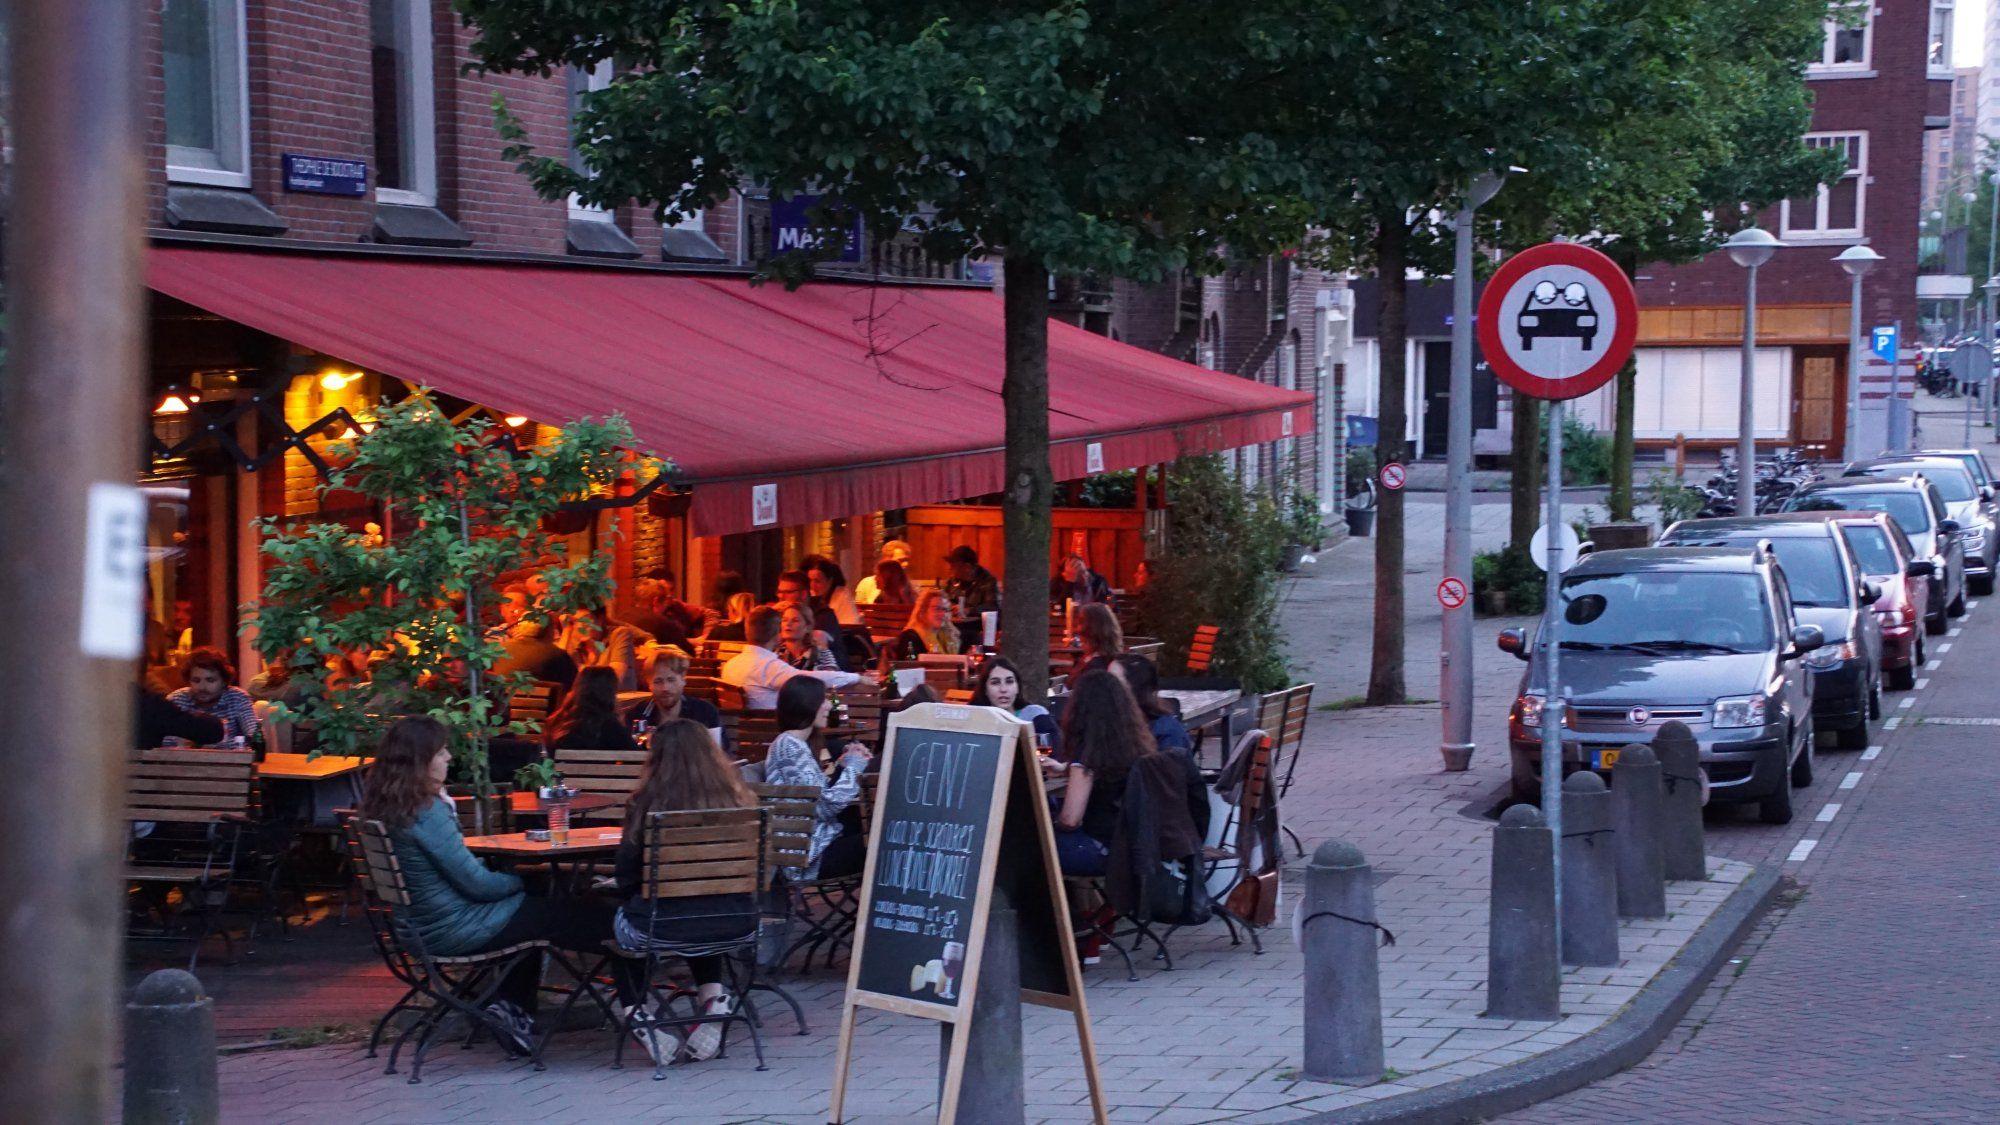 gent aan de schinkel, Amsterdam - Restaurantbeoordelingen - TripAdvisor